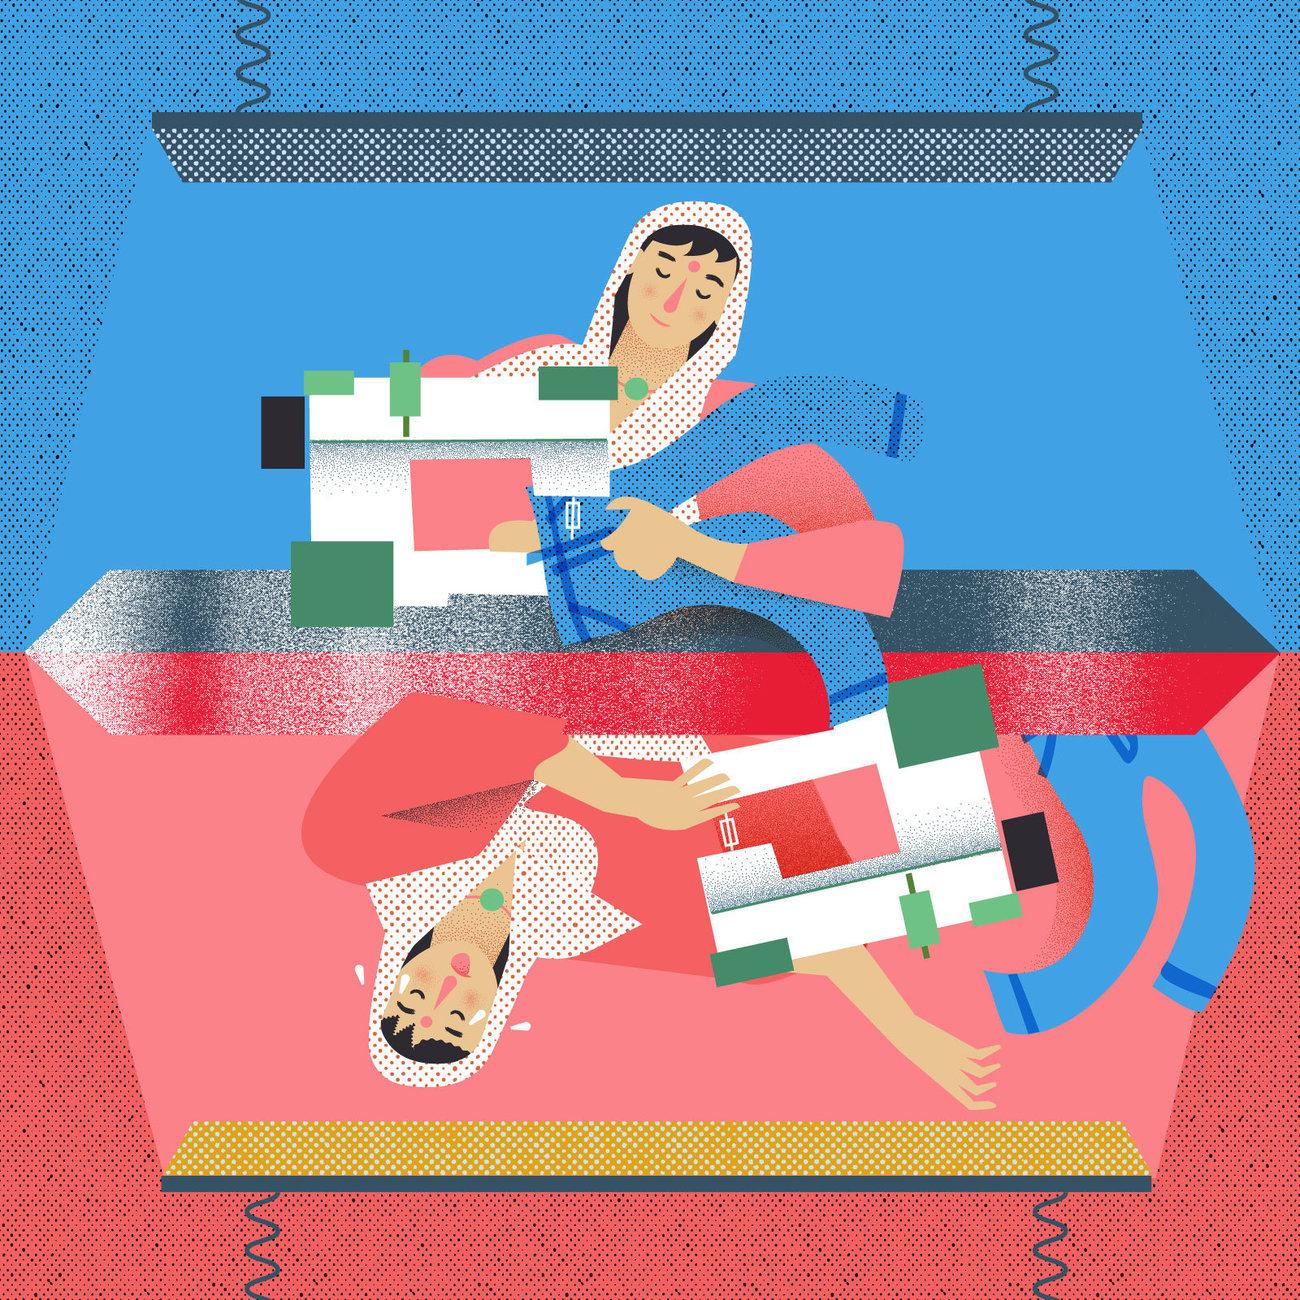 illustration by Francesco Zorzi for NPR